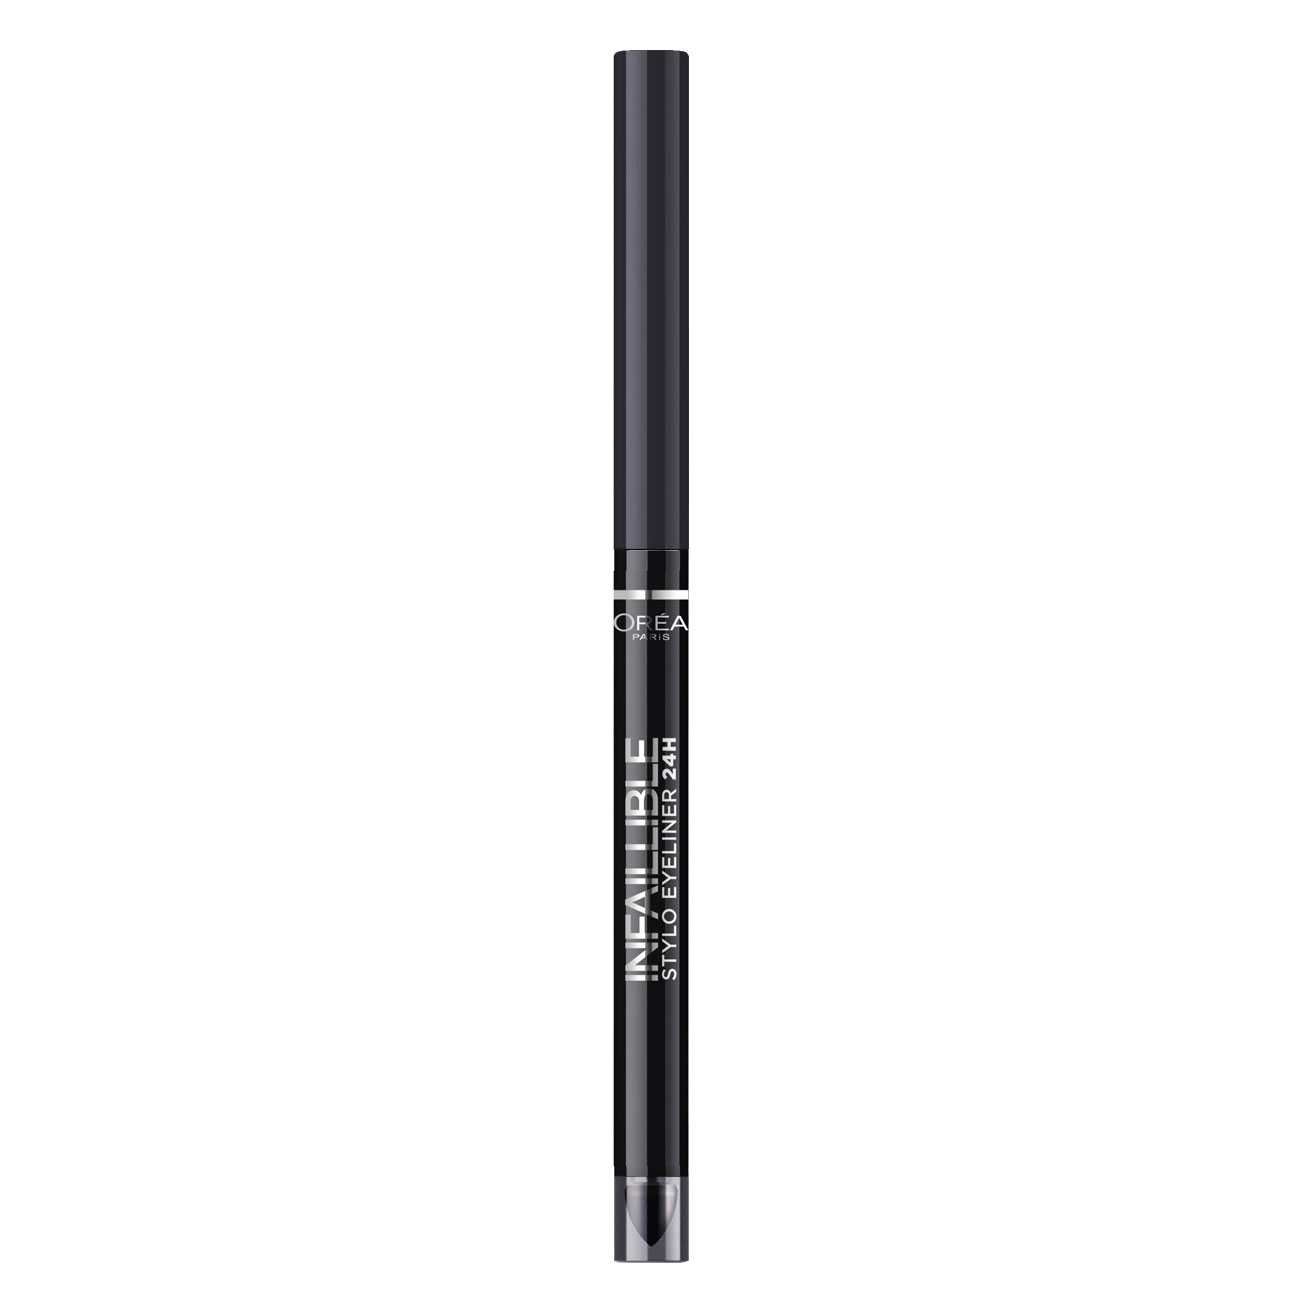 INFAILLIBLE EYELINER 6 G Black 301 imagine produs